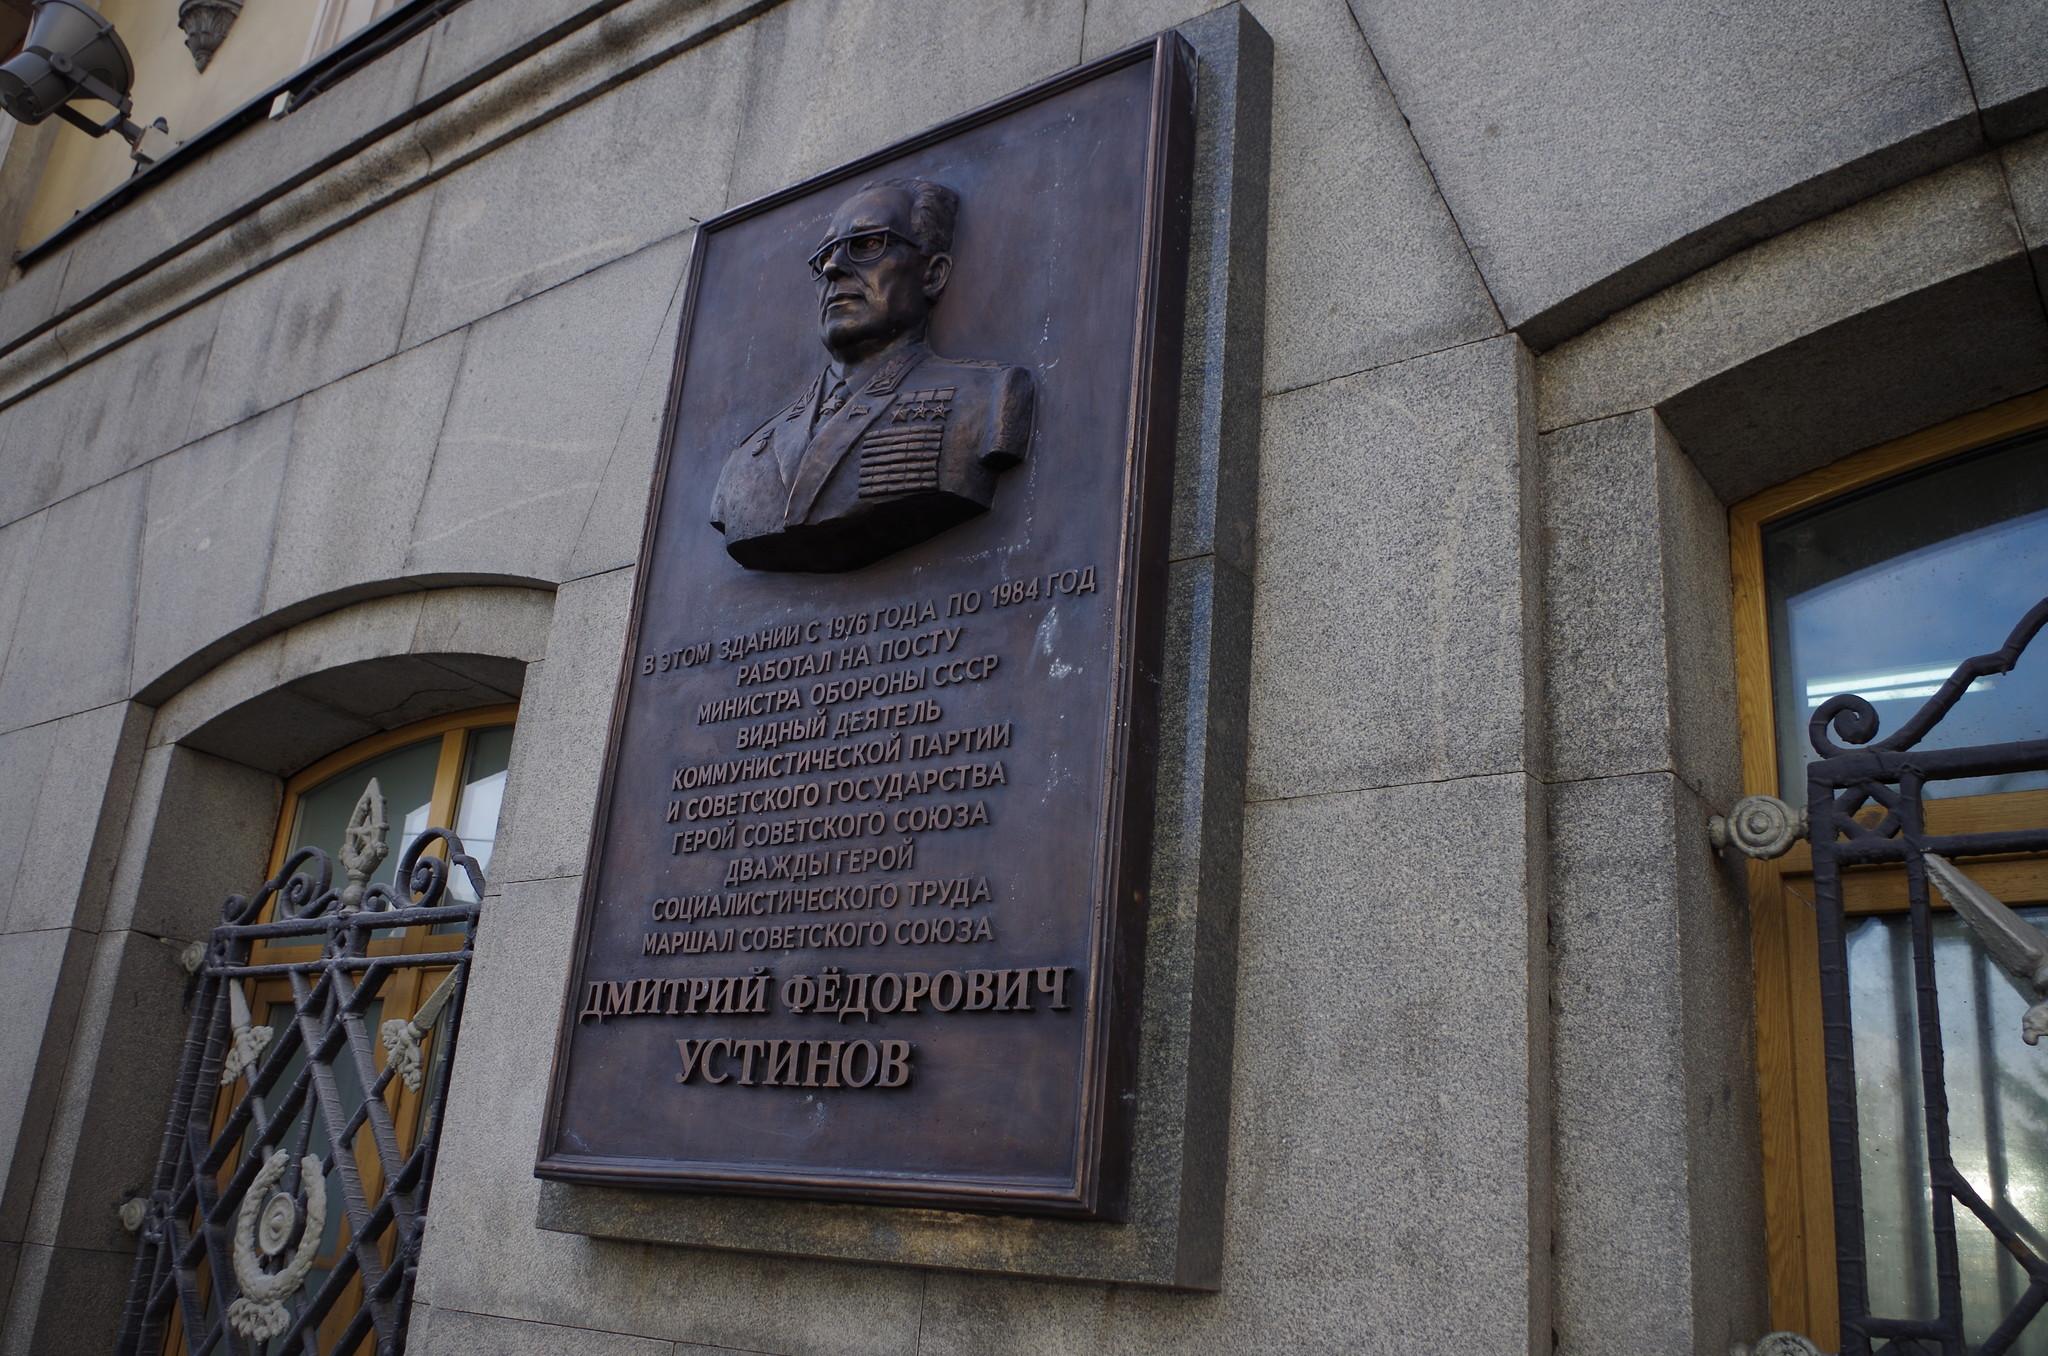 Мемориальная доска Дмитрию Фёдоровичу Устинову на здании в Москве (улица Знаменка, дом № 19)